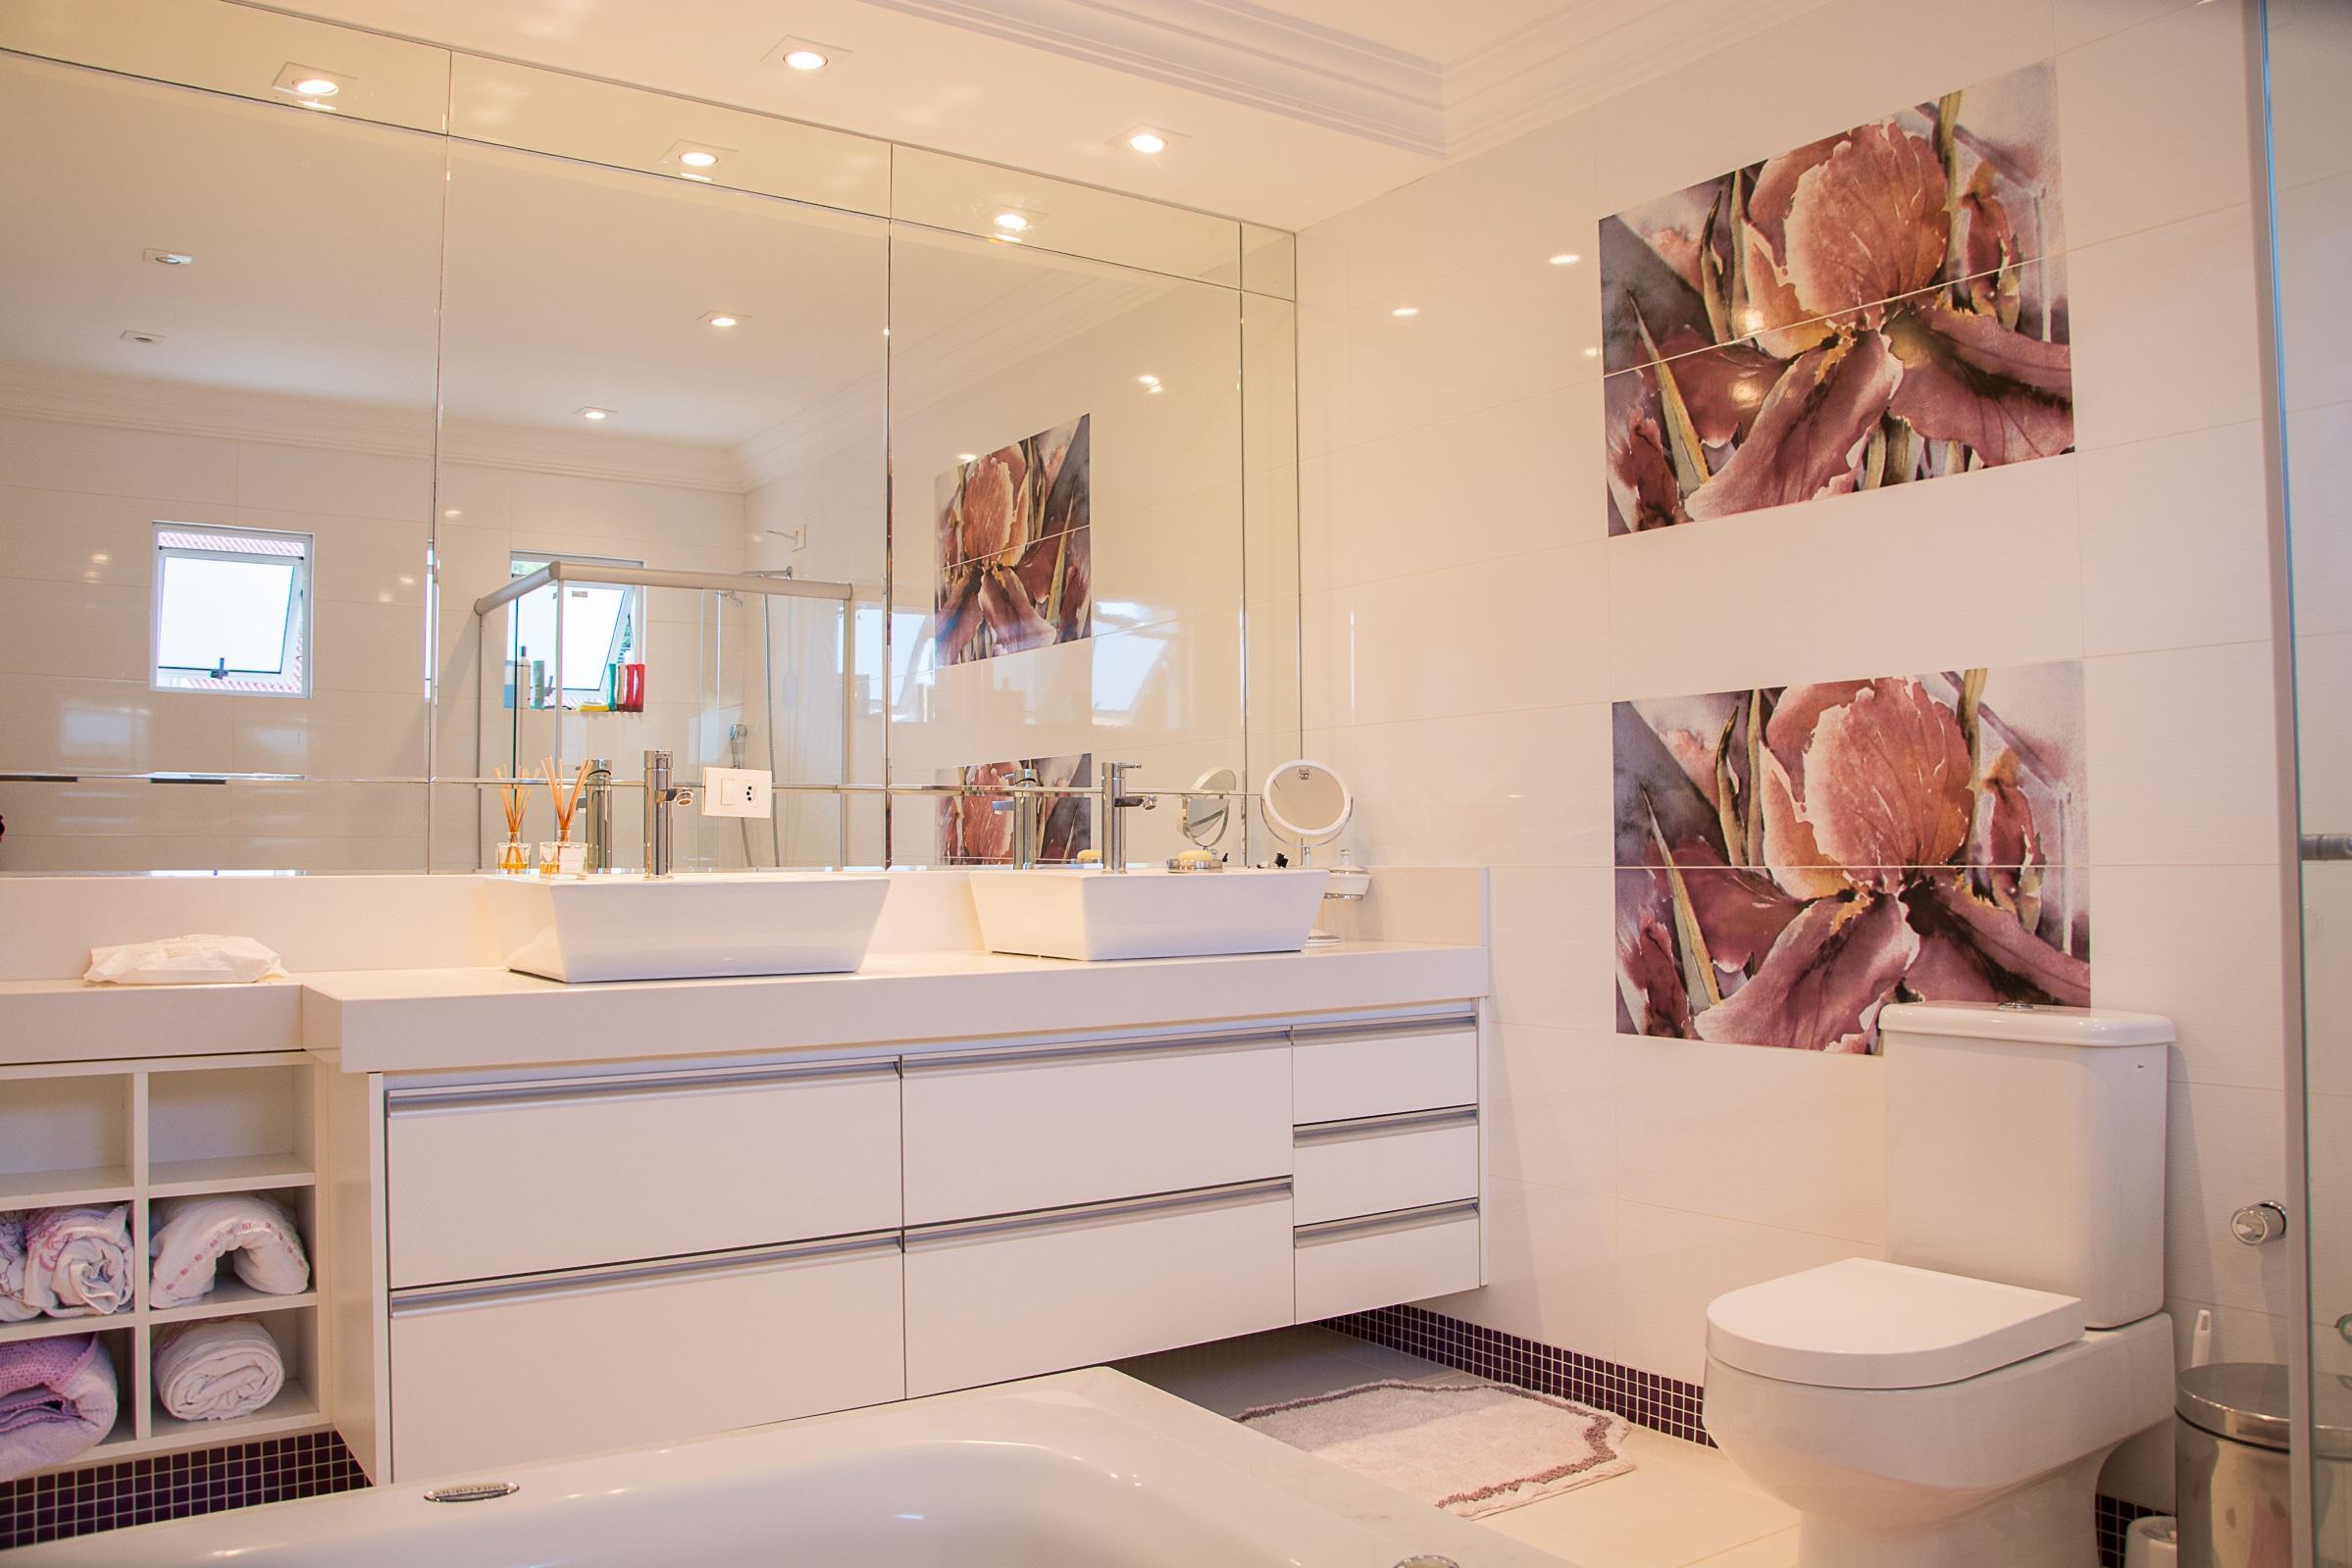 Hotelowa łazienka. Urządzamy!